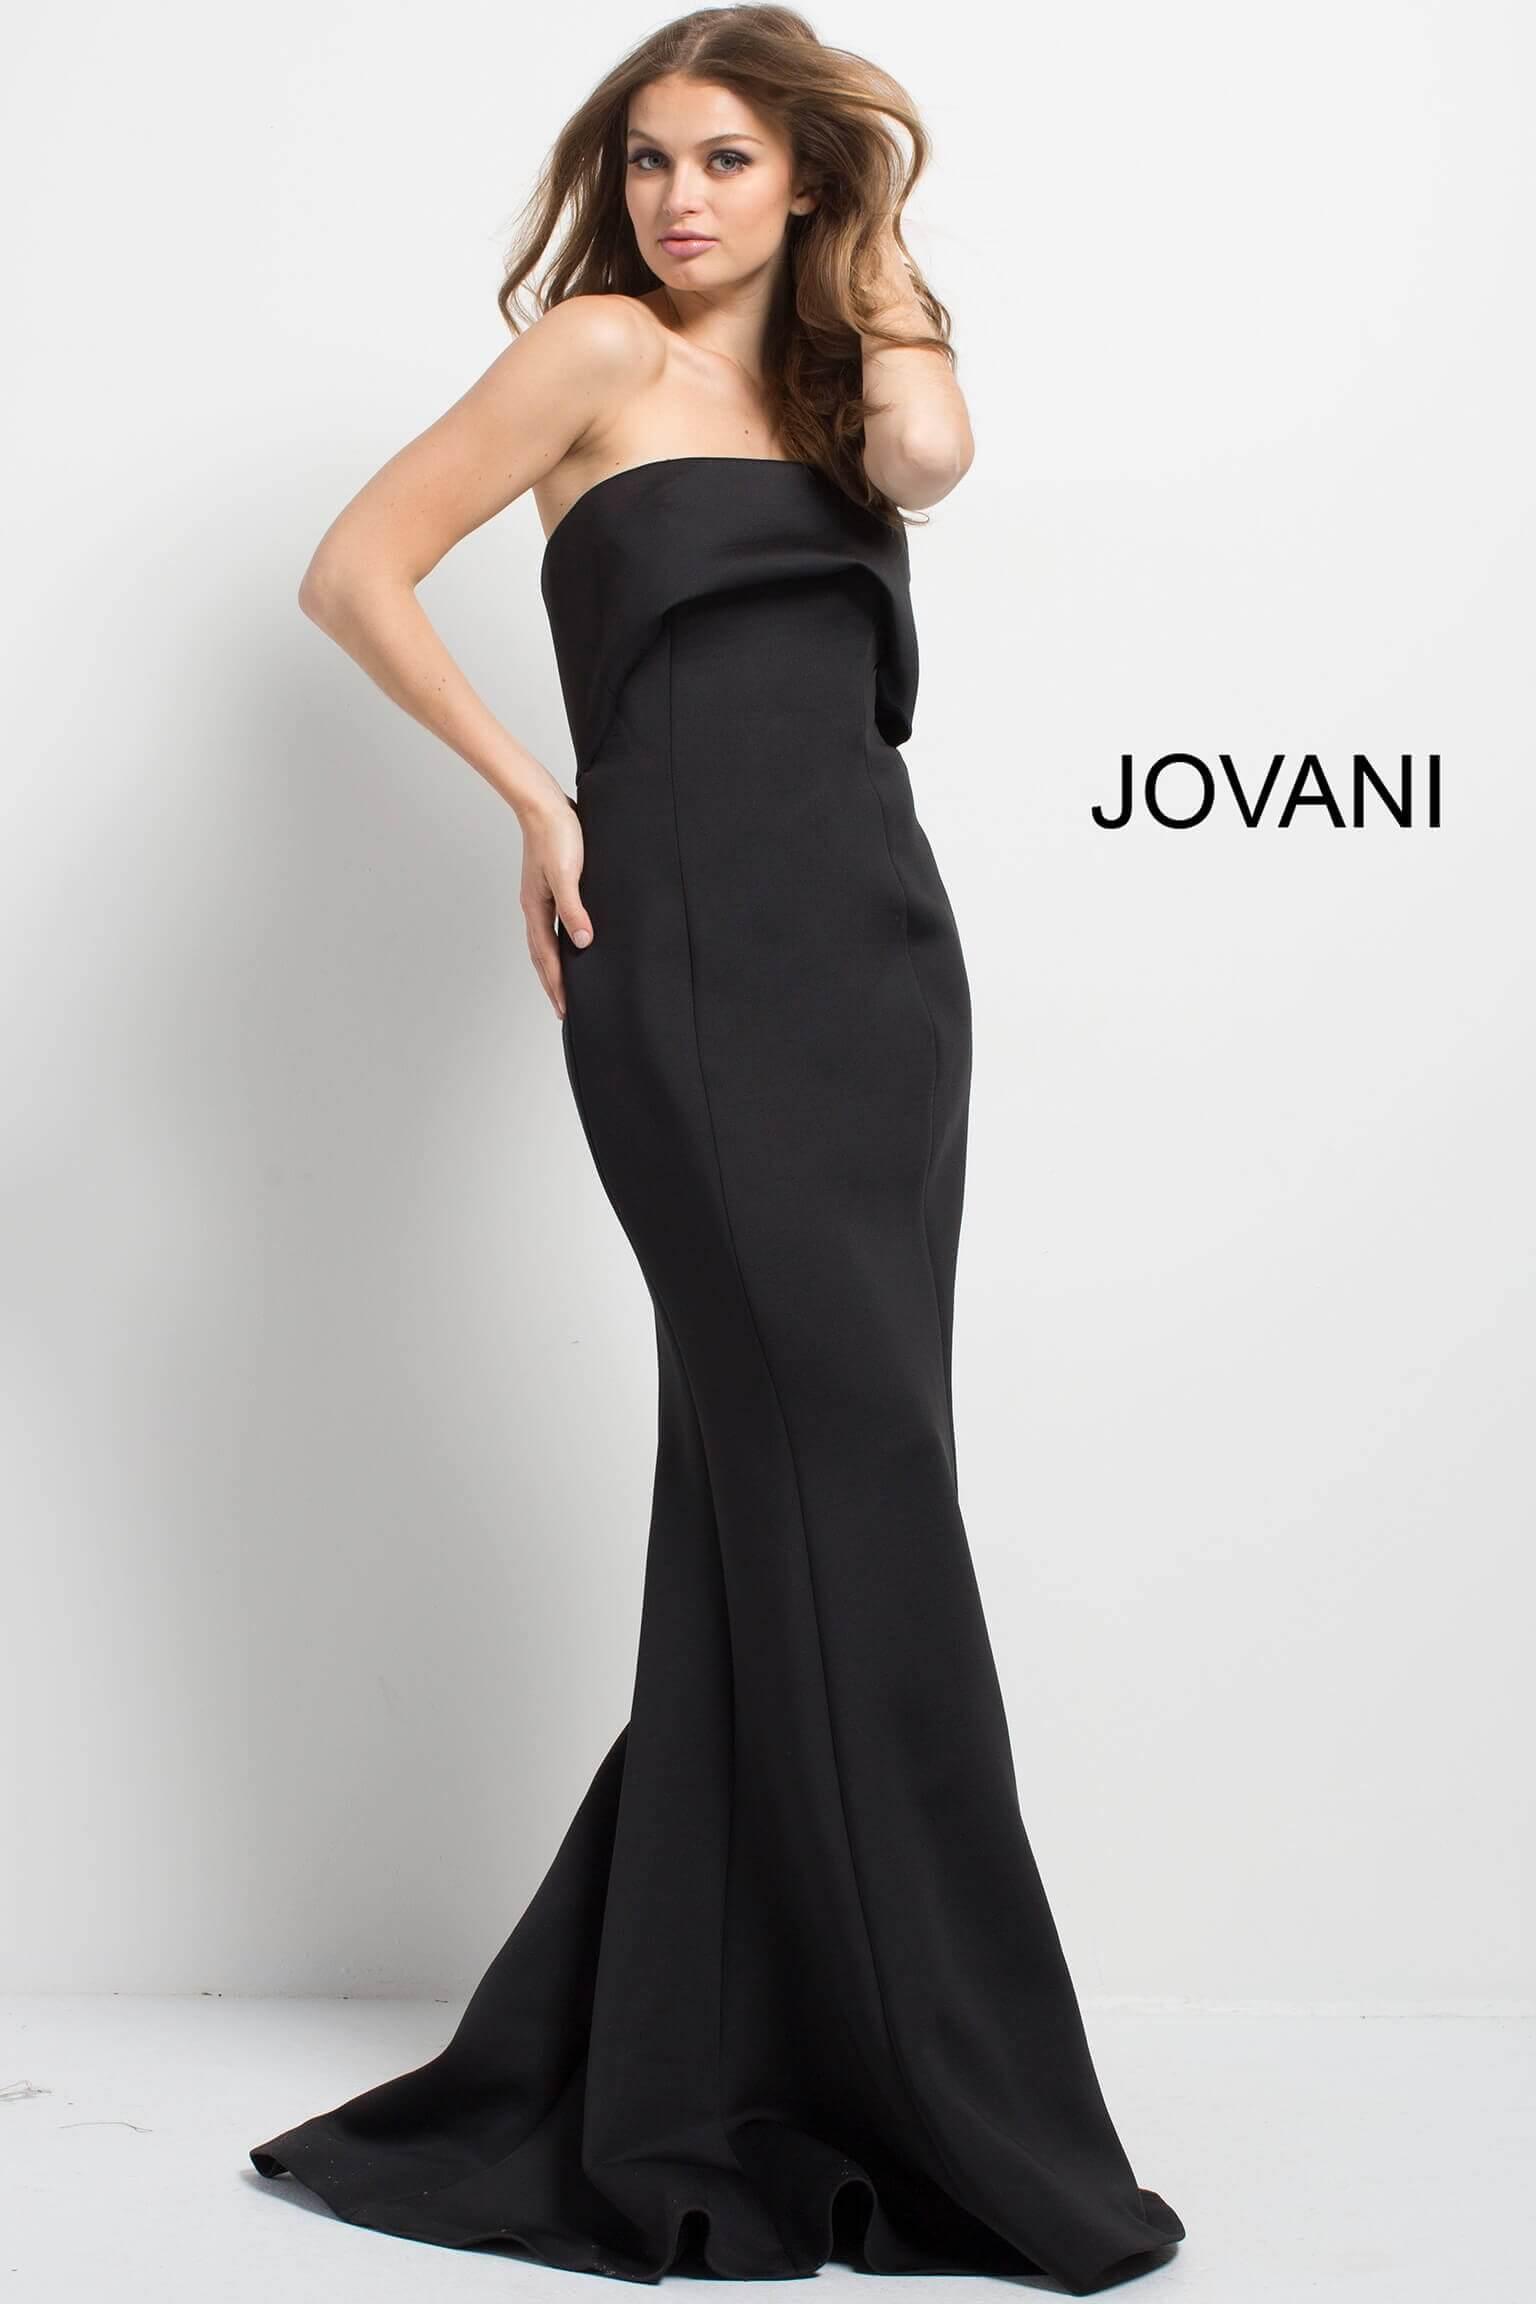 Jovani Style 48476